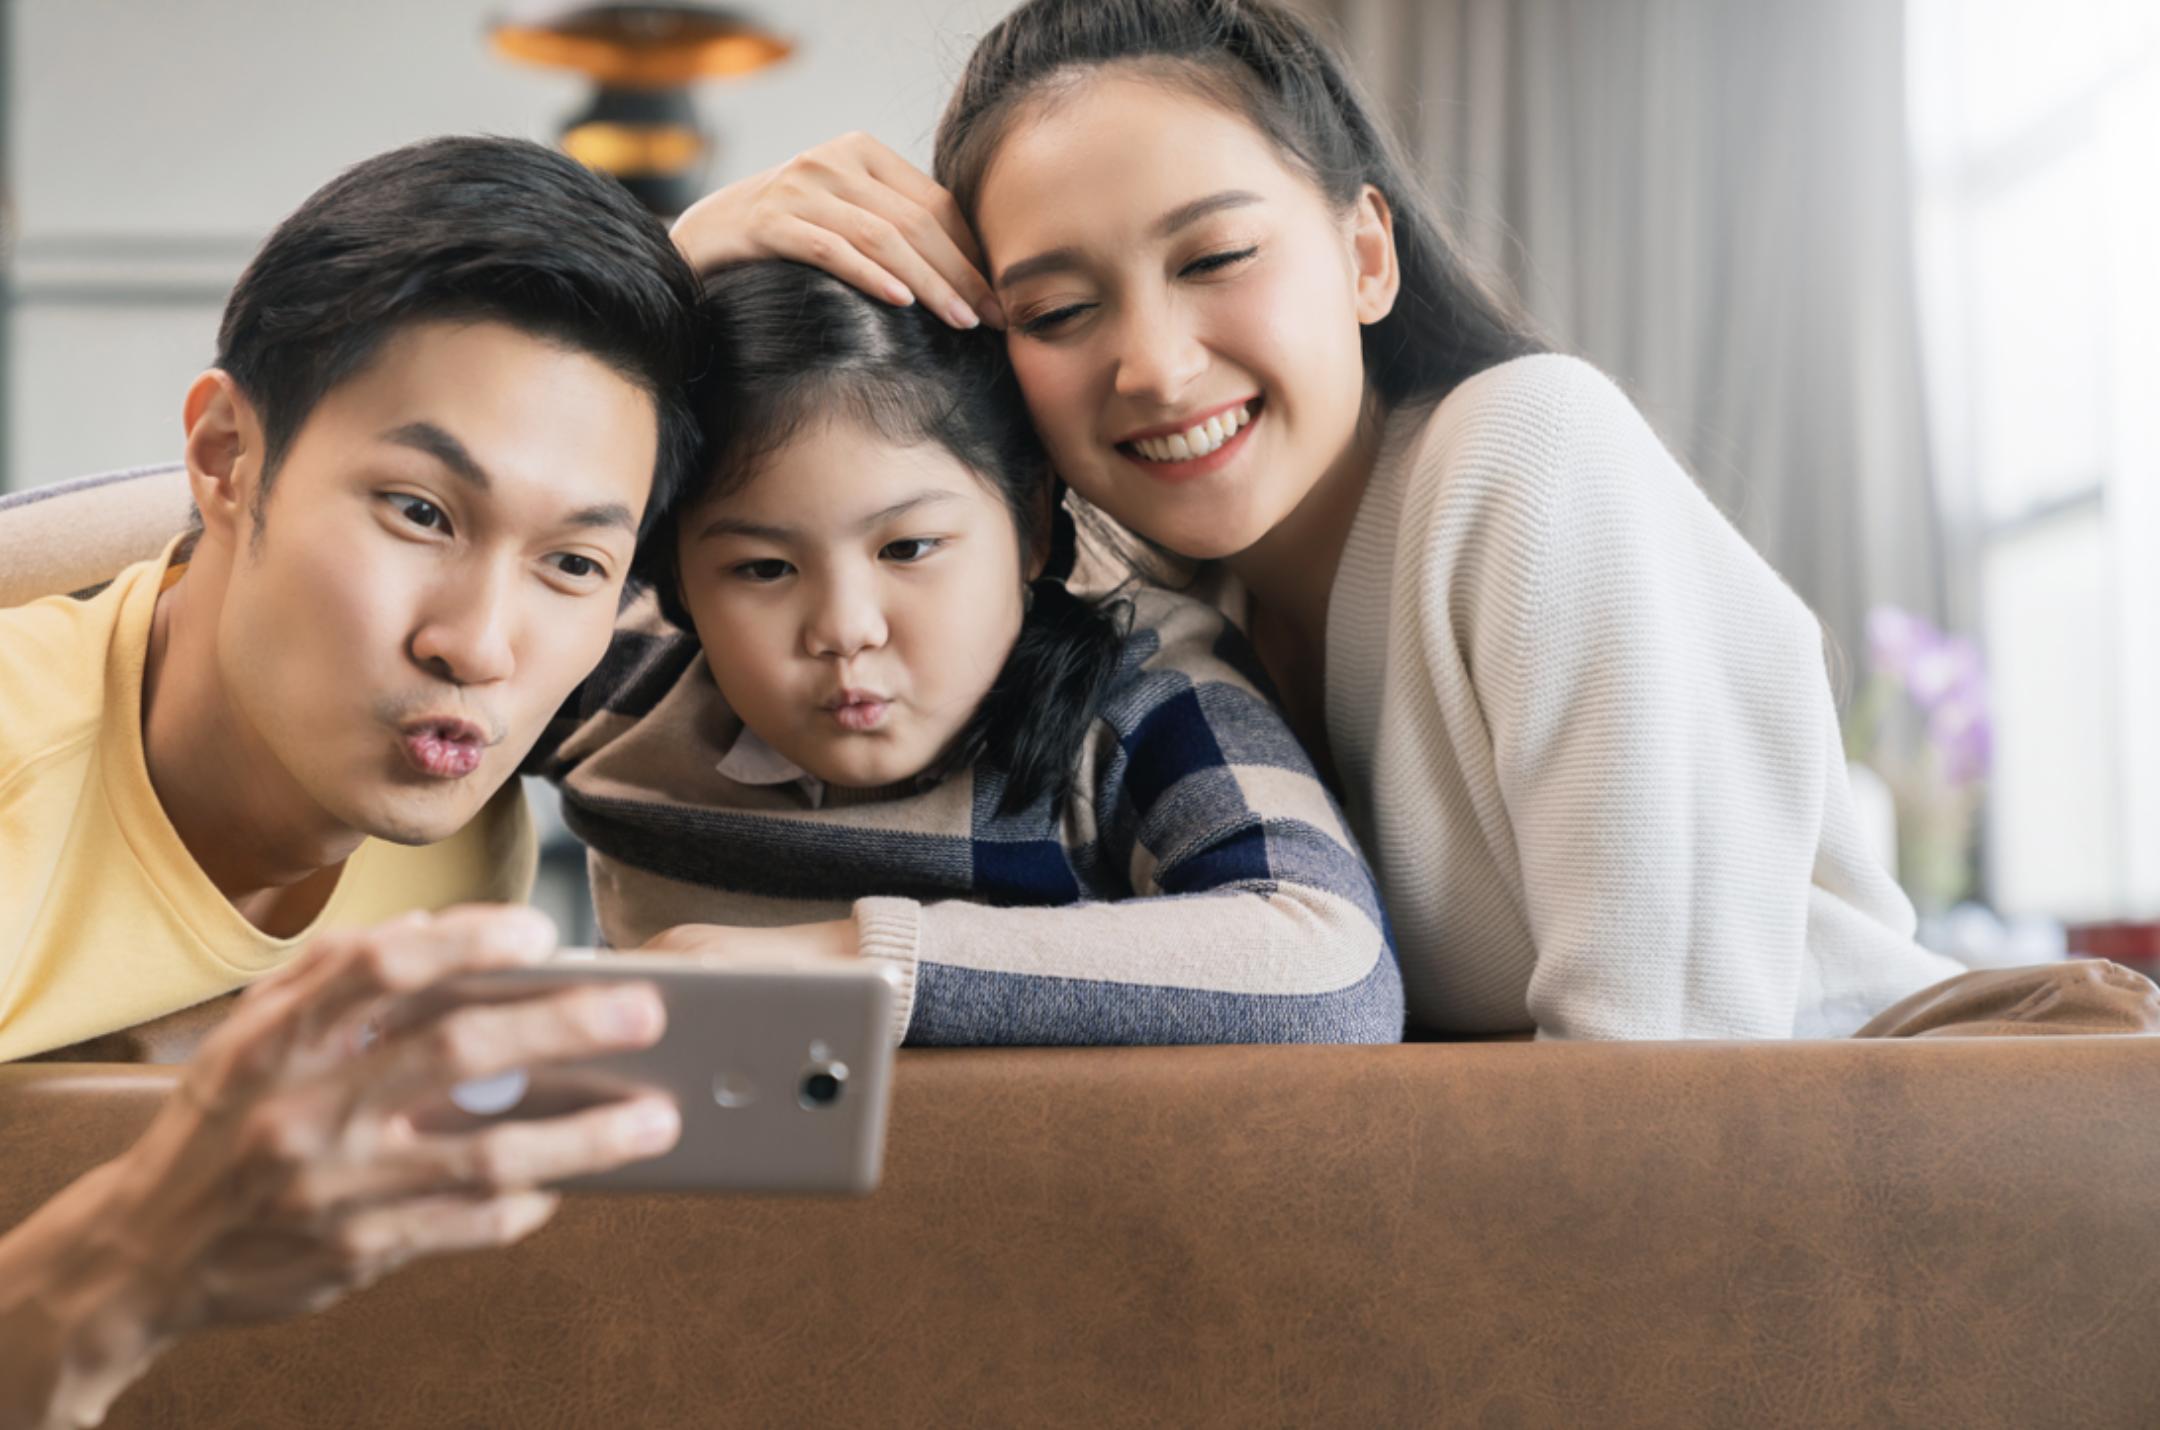 家有「S世代」的家長,面對小孩不可避免的3C 使用需求,專家建議應建立正確的家庭3C使用原則,才能一起享受科技帶來的便利與樂趣。